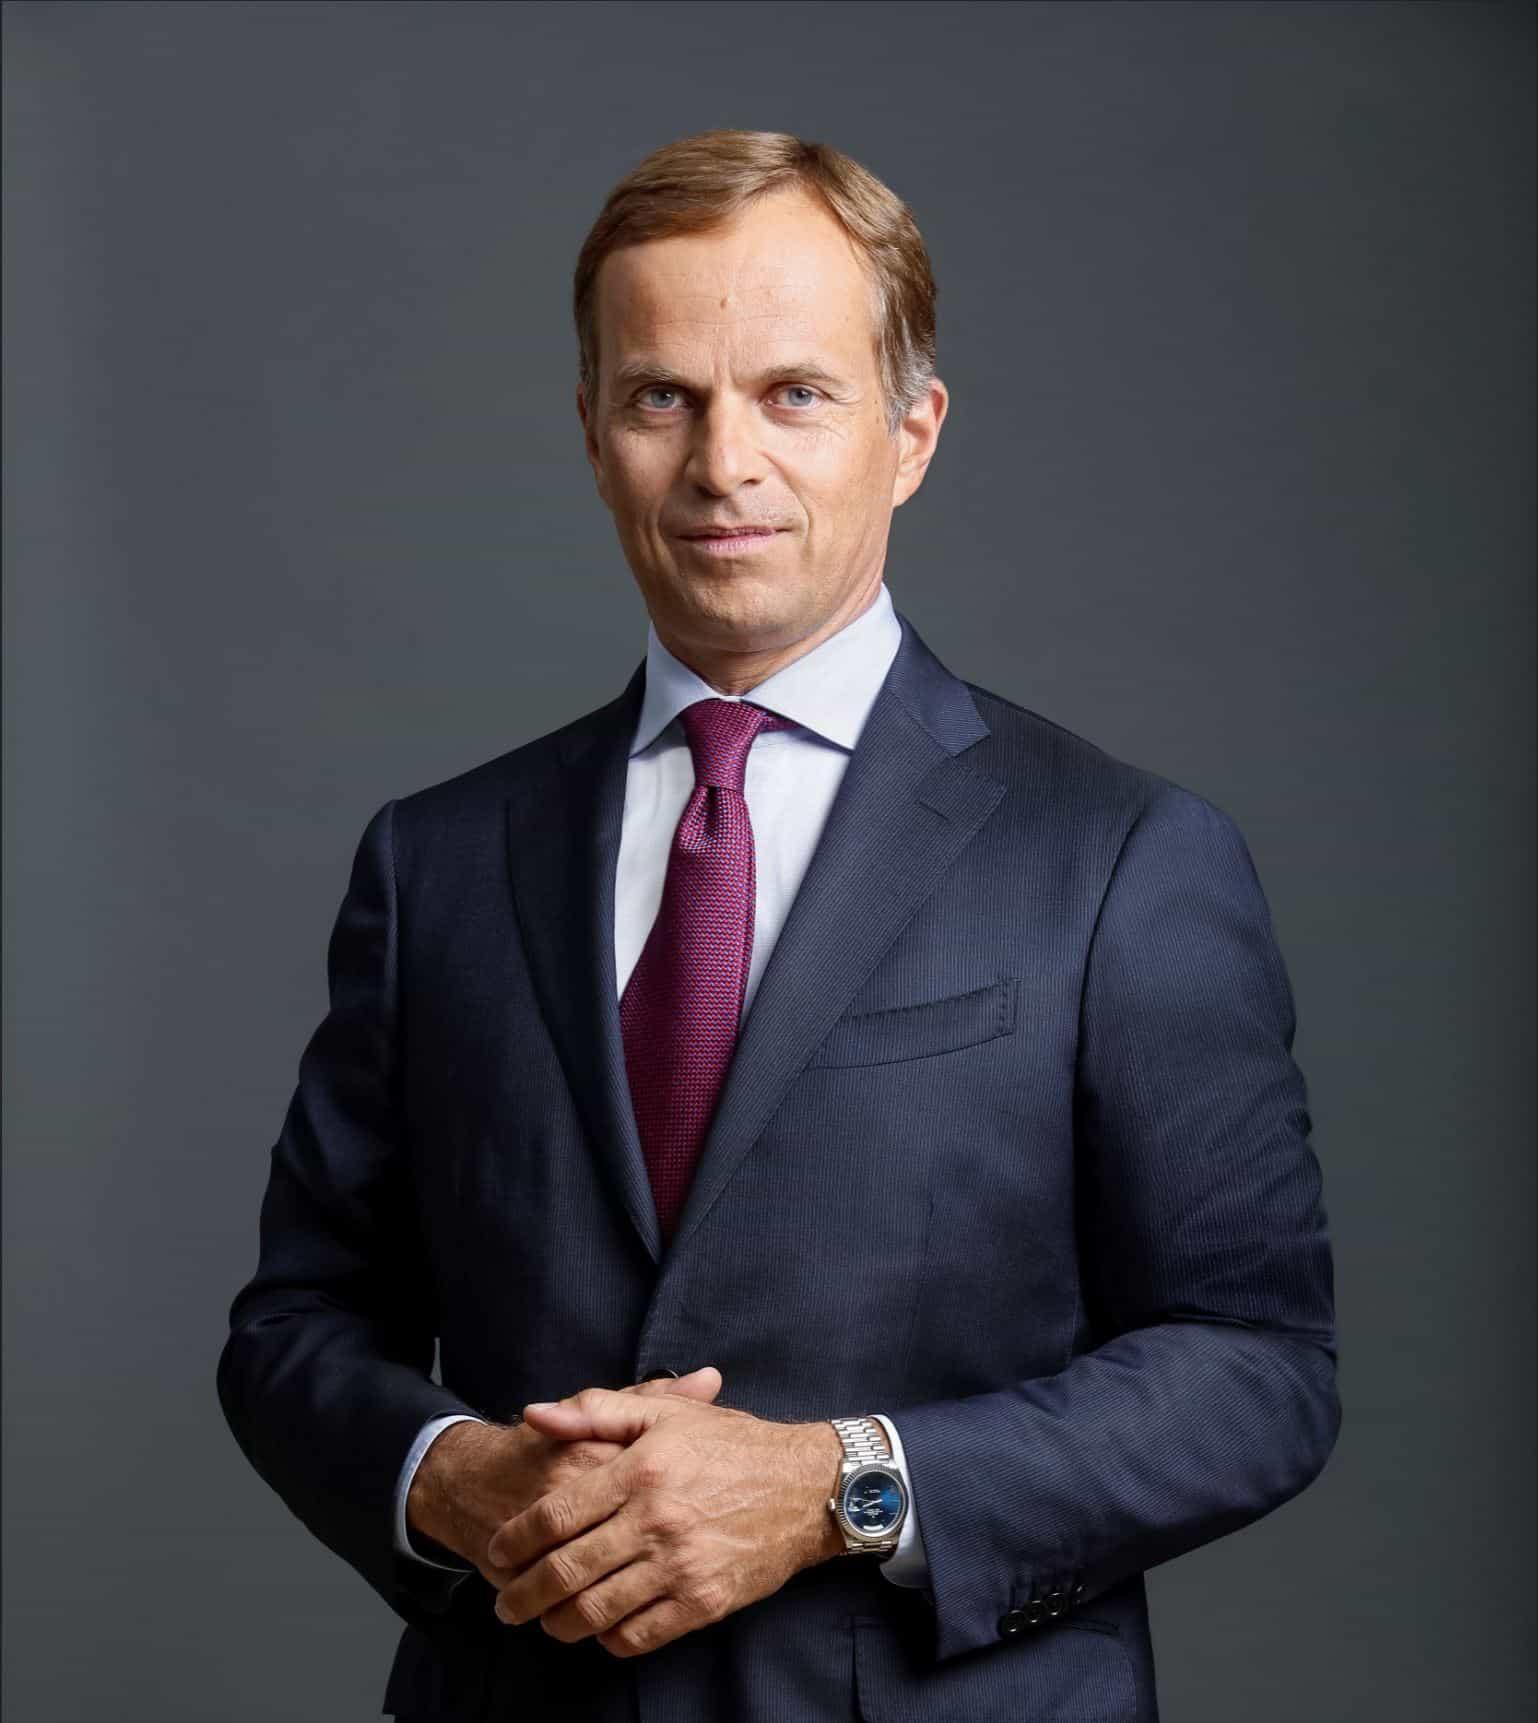 Mit Rolex und der Tochter Tudor führt Jean-Frédéric Dufour eine große Marke und viel Historie